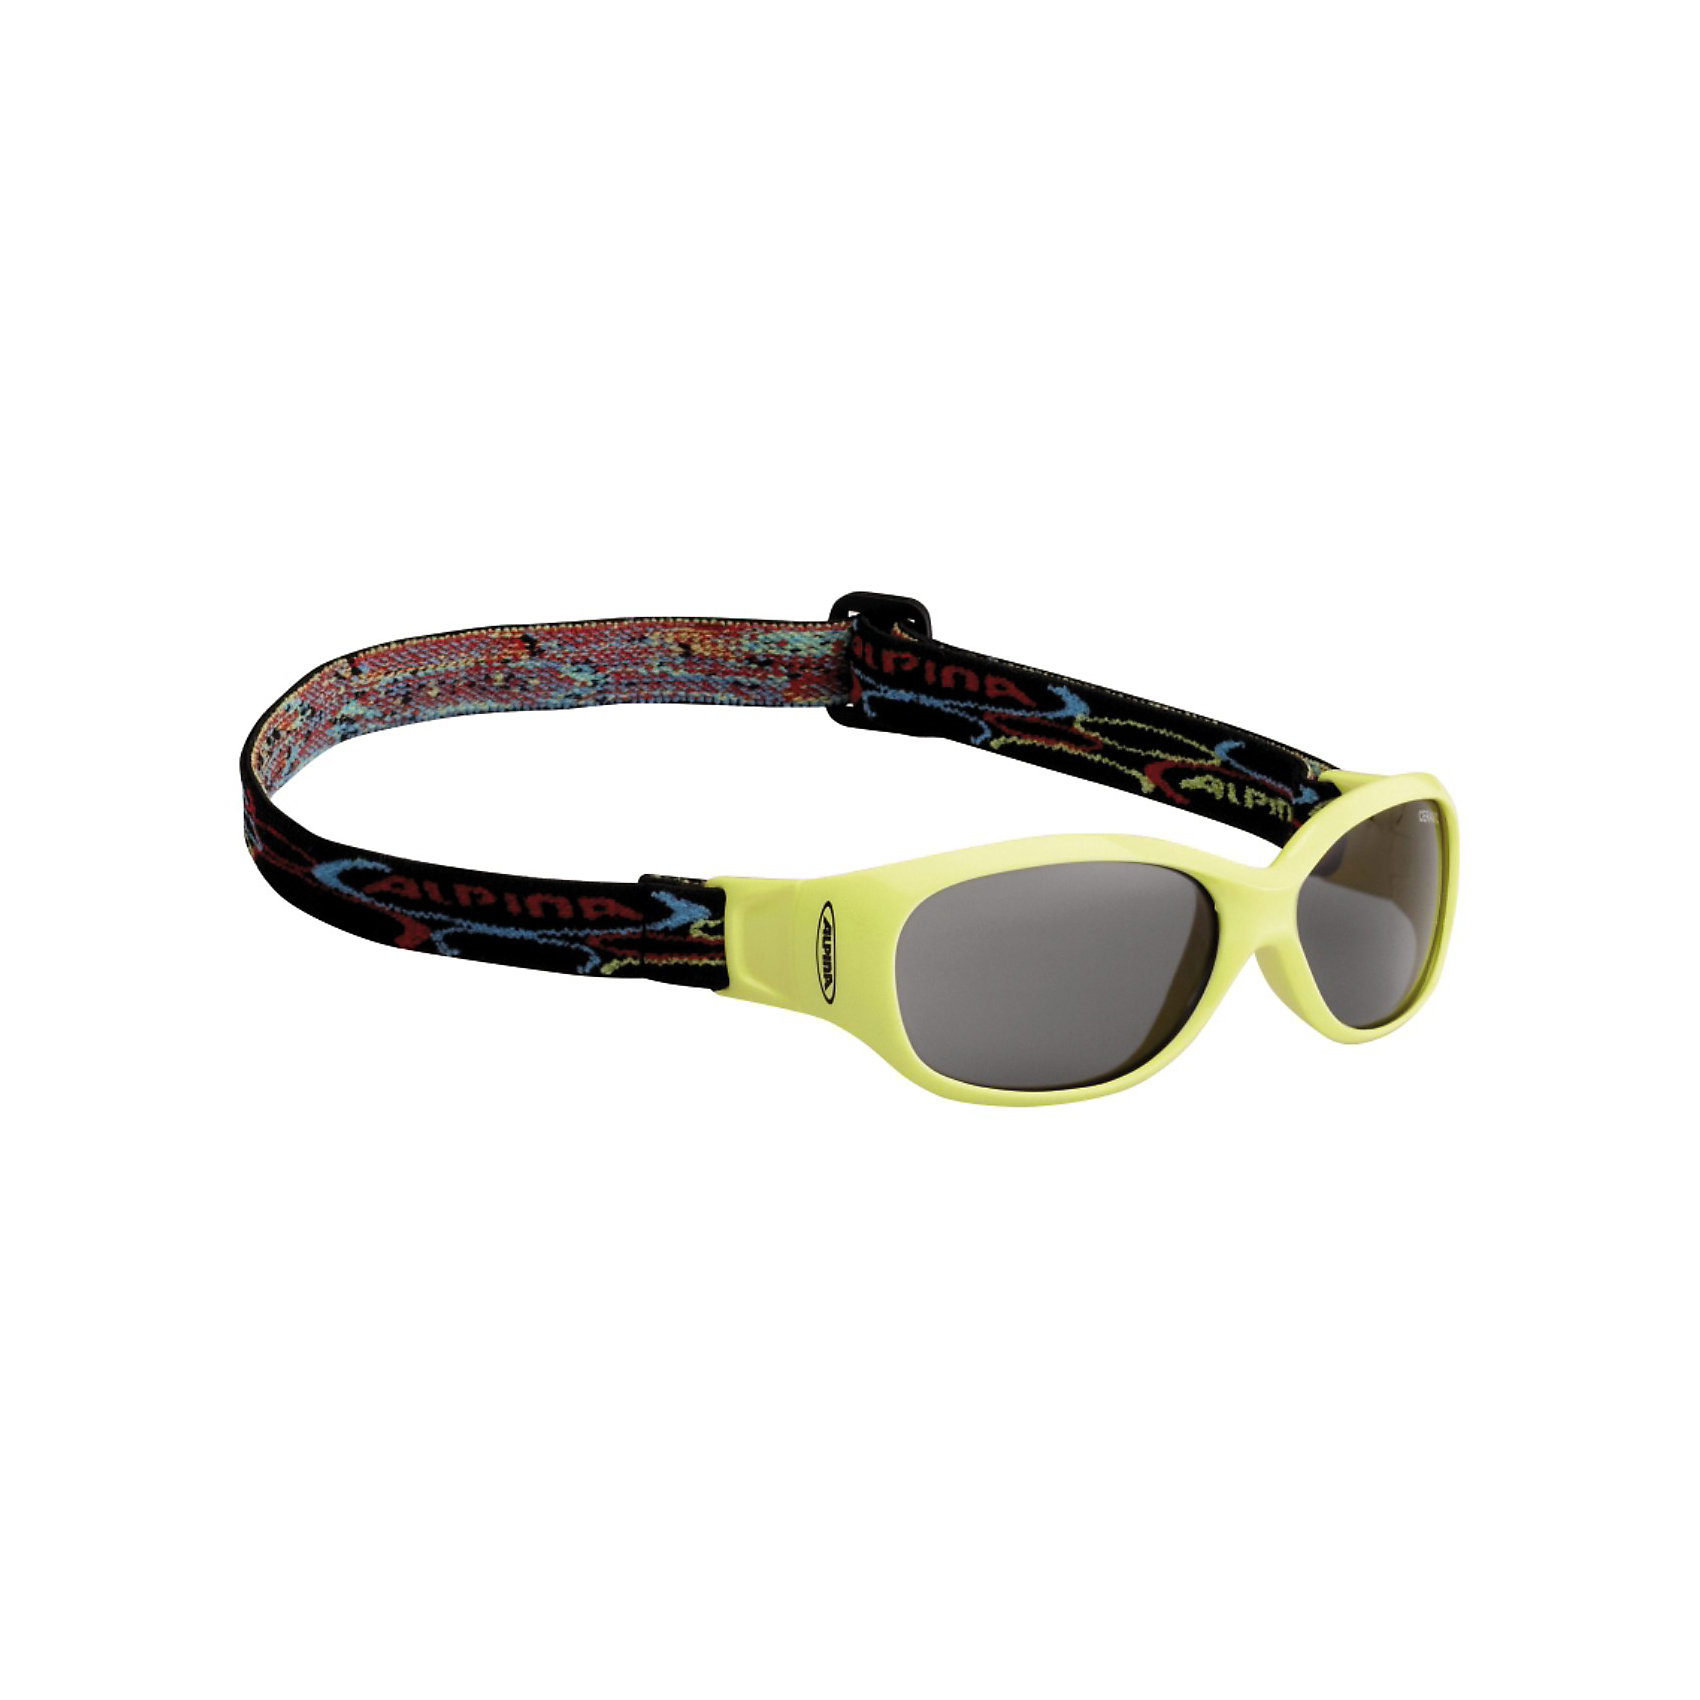 Очки солнцезащитные SPORTS FLEXXY KIDS, желтые, ALPINAСолнцезащитные очки<br>Характеристики:<br><br>• возраст: от 4 лет;<br>• материал: пластик;<br>• размер упаковки: 19х3х3 см;<br>• вес упаковки: 200 гр.;<br>• страна производитель: Китай.<br><br>Очки солнцезащитные Alpina Sports Flexxy Kids желтые защищают глаза от попадания солнечных лучей во время прогулки, отдыха на природе, катания на велосипеде, занятий спортом. Очки оснащены специальным регулируемым ремешком, который не позволяет им падать и соскальзывать во время активных занятий спортом. Линзы выполнены из прочного материала, устойчивого к разбиванию. Они защищают глаза от всех типов УФ-лучей и не запотевают.<br><br>Очки солнцезащитные Alpina Sports Flexxy Kids желтые можно приобрести в нашем интернет-магазине.<br><br>Ширина мм: 167<br>Глубина мм: 73<br>Высота мм: 45<br>Вес г: 26<br>Цвет: желтый<br>Возраст от месяцев: 48<br>Возраст до месяцев: 144<br>Пол: Унисекс<br>Возраст: Детский<br>SKU: 3183934